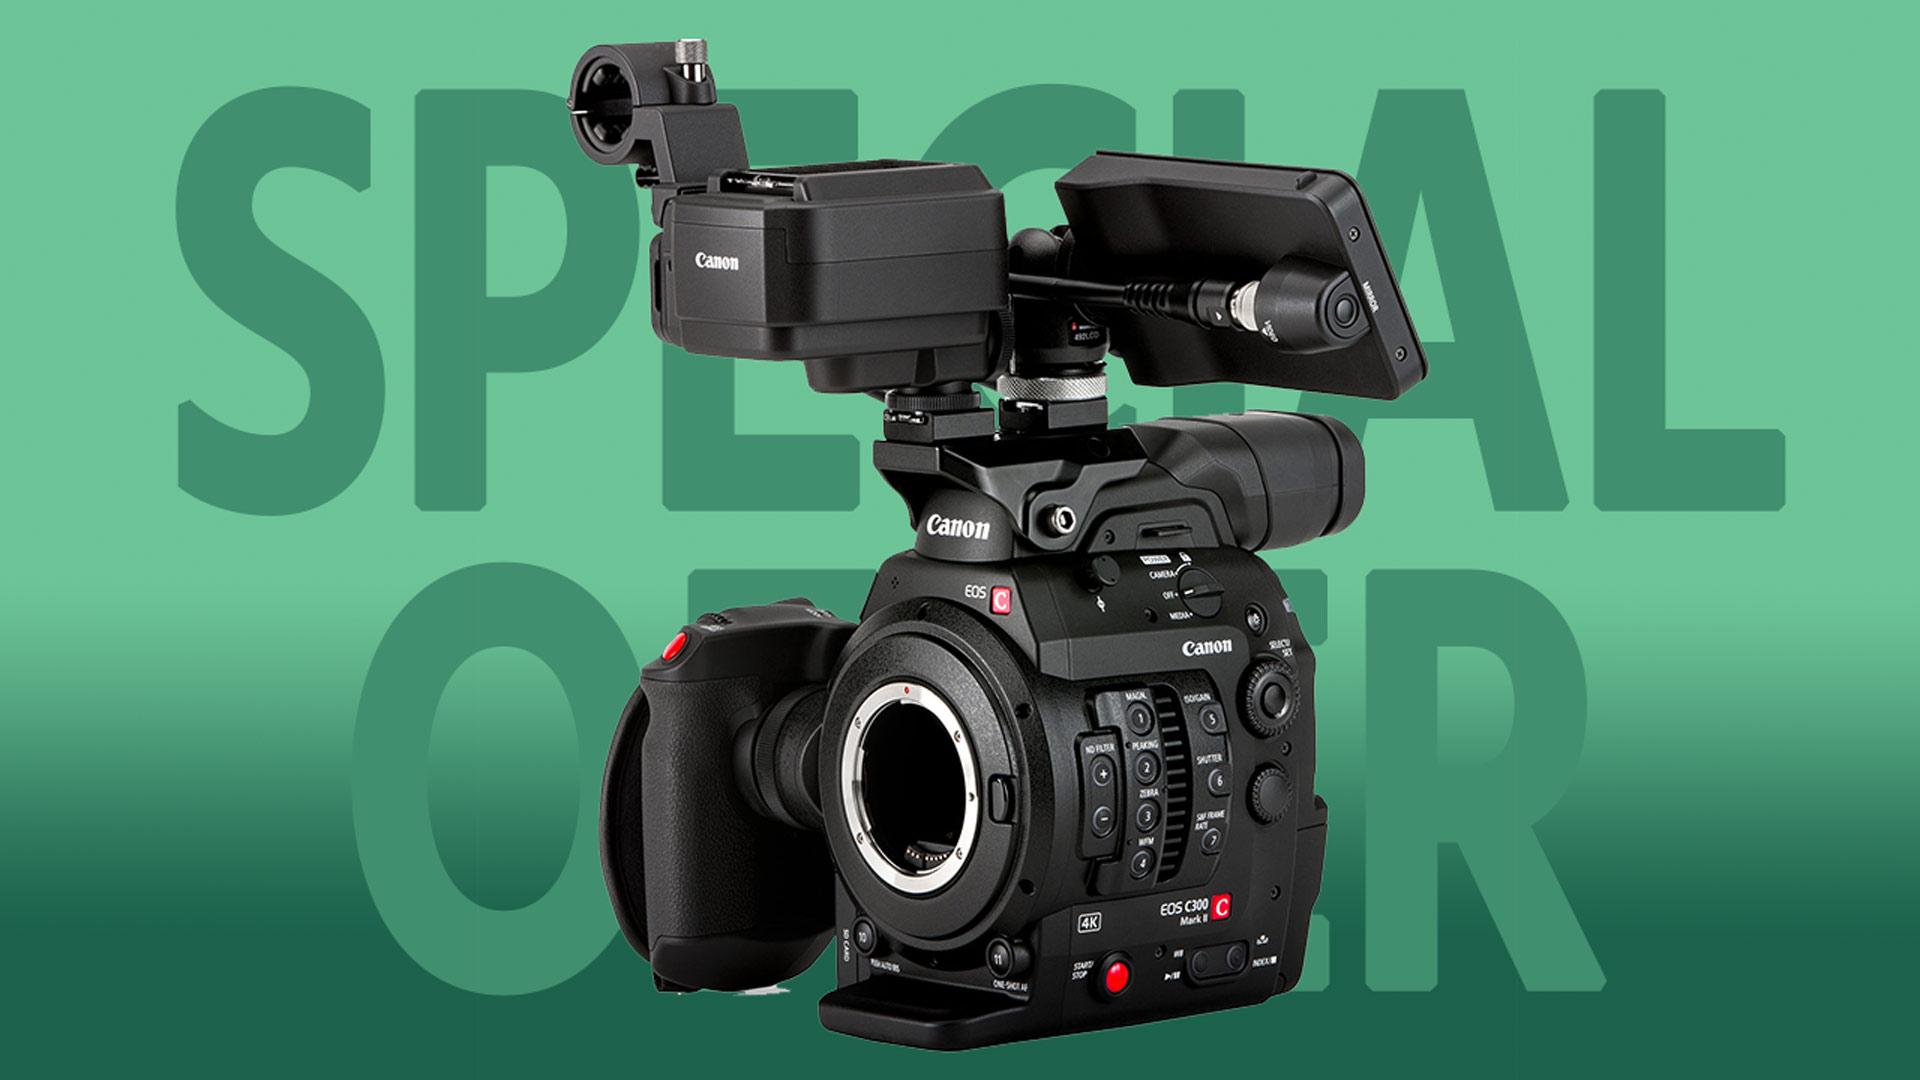 Rebaja adicional de $ 500 en la Canon EOS C300 Mark II - Ahora a $ 7.499